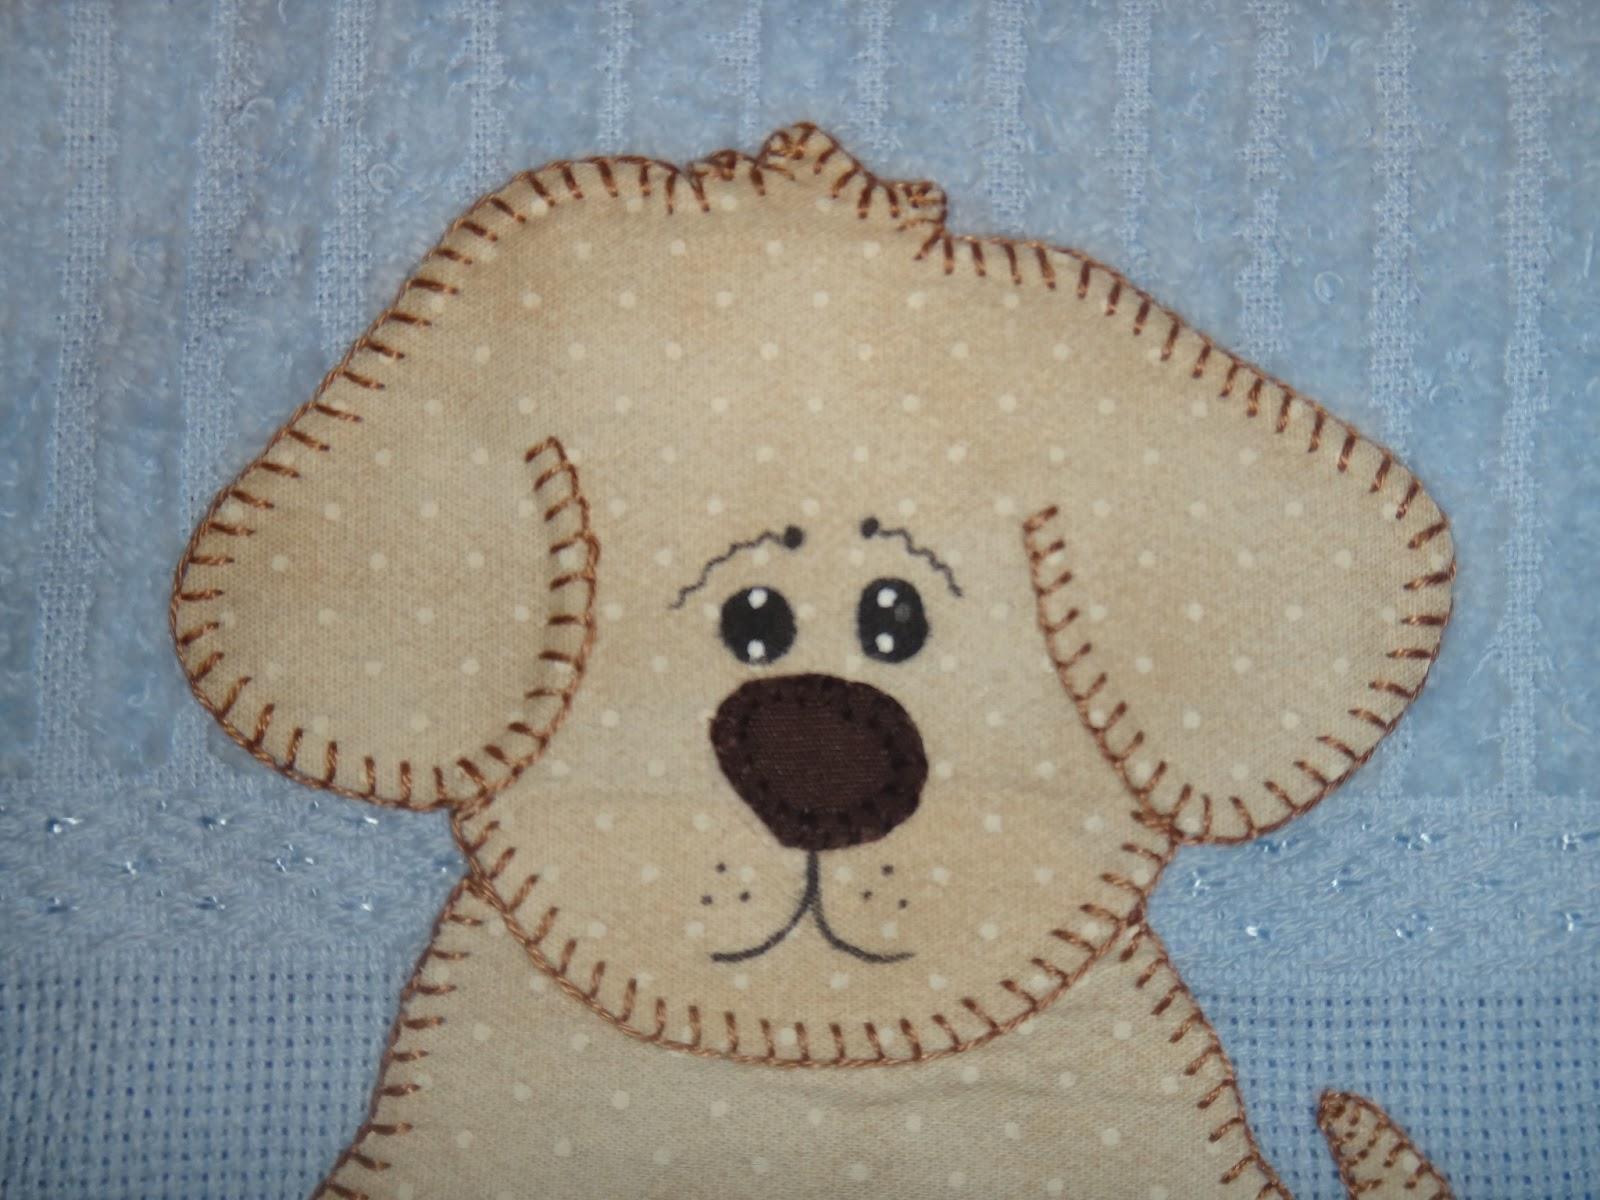 estampa-patch-aplique-cachorro